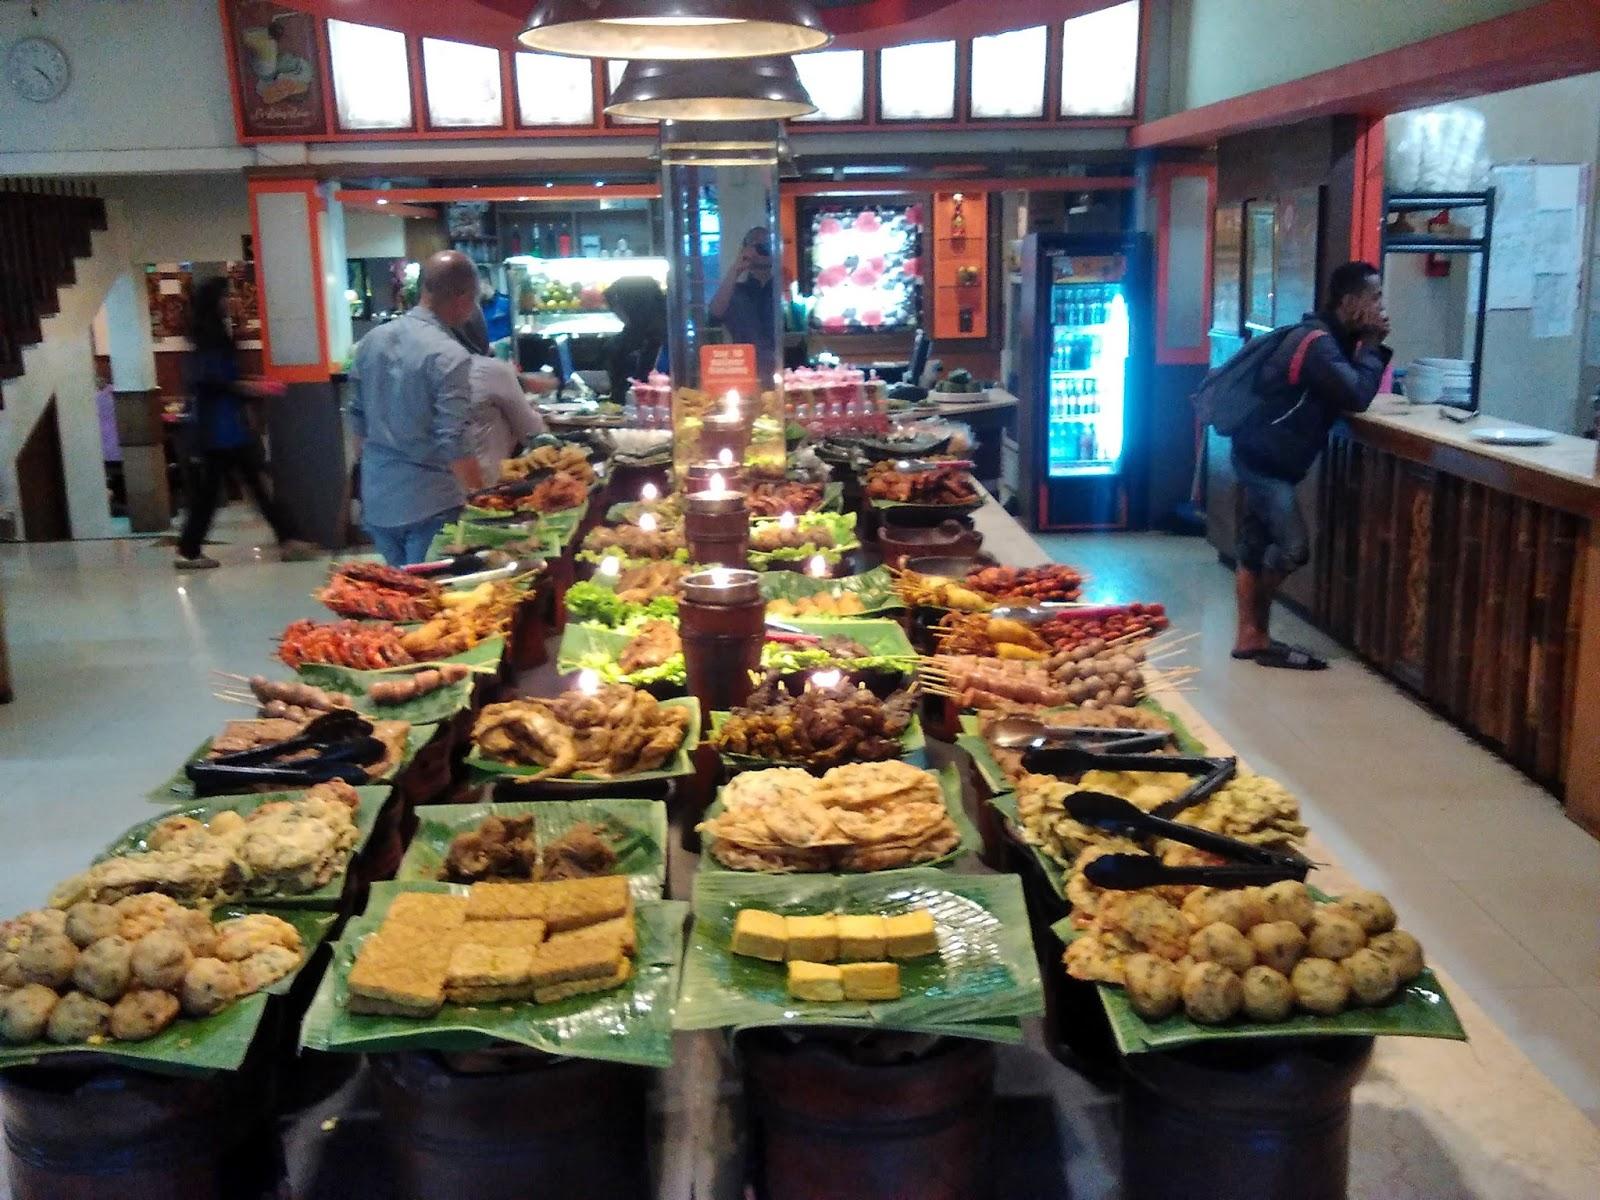 Tempat Makan Daerah Kebon Jati Bandung